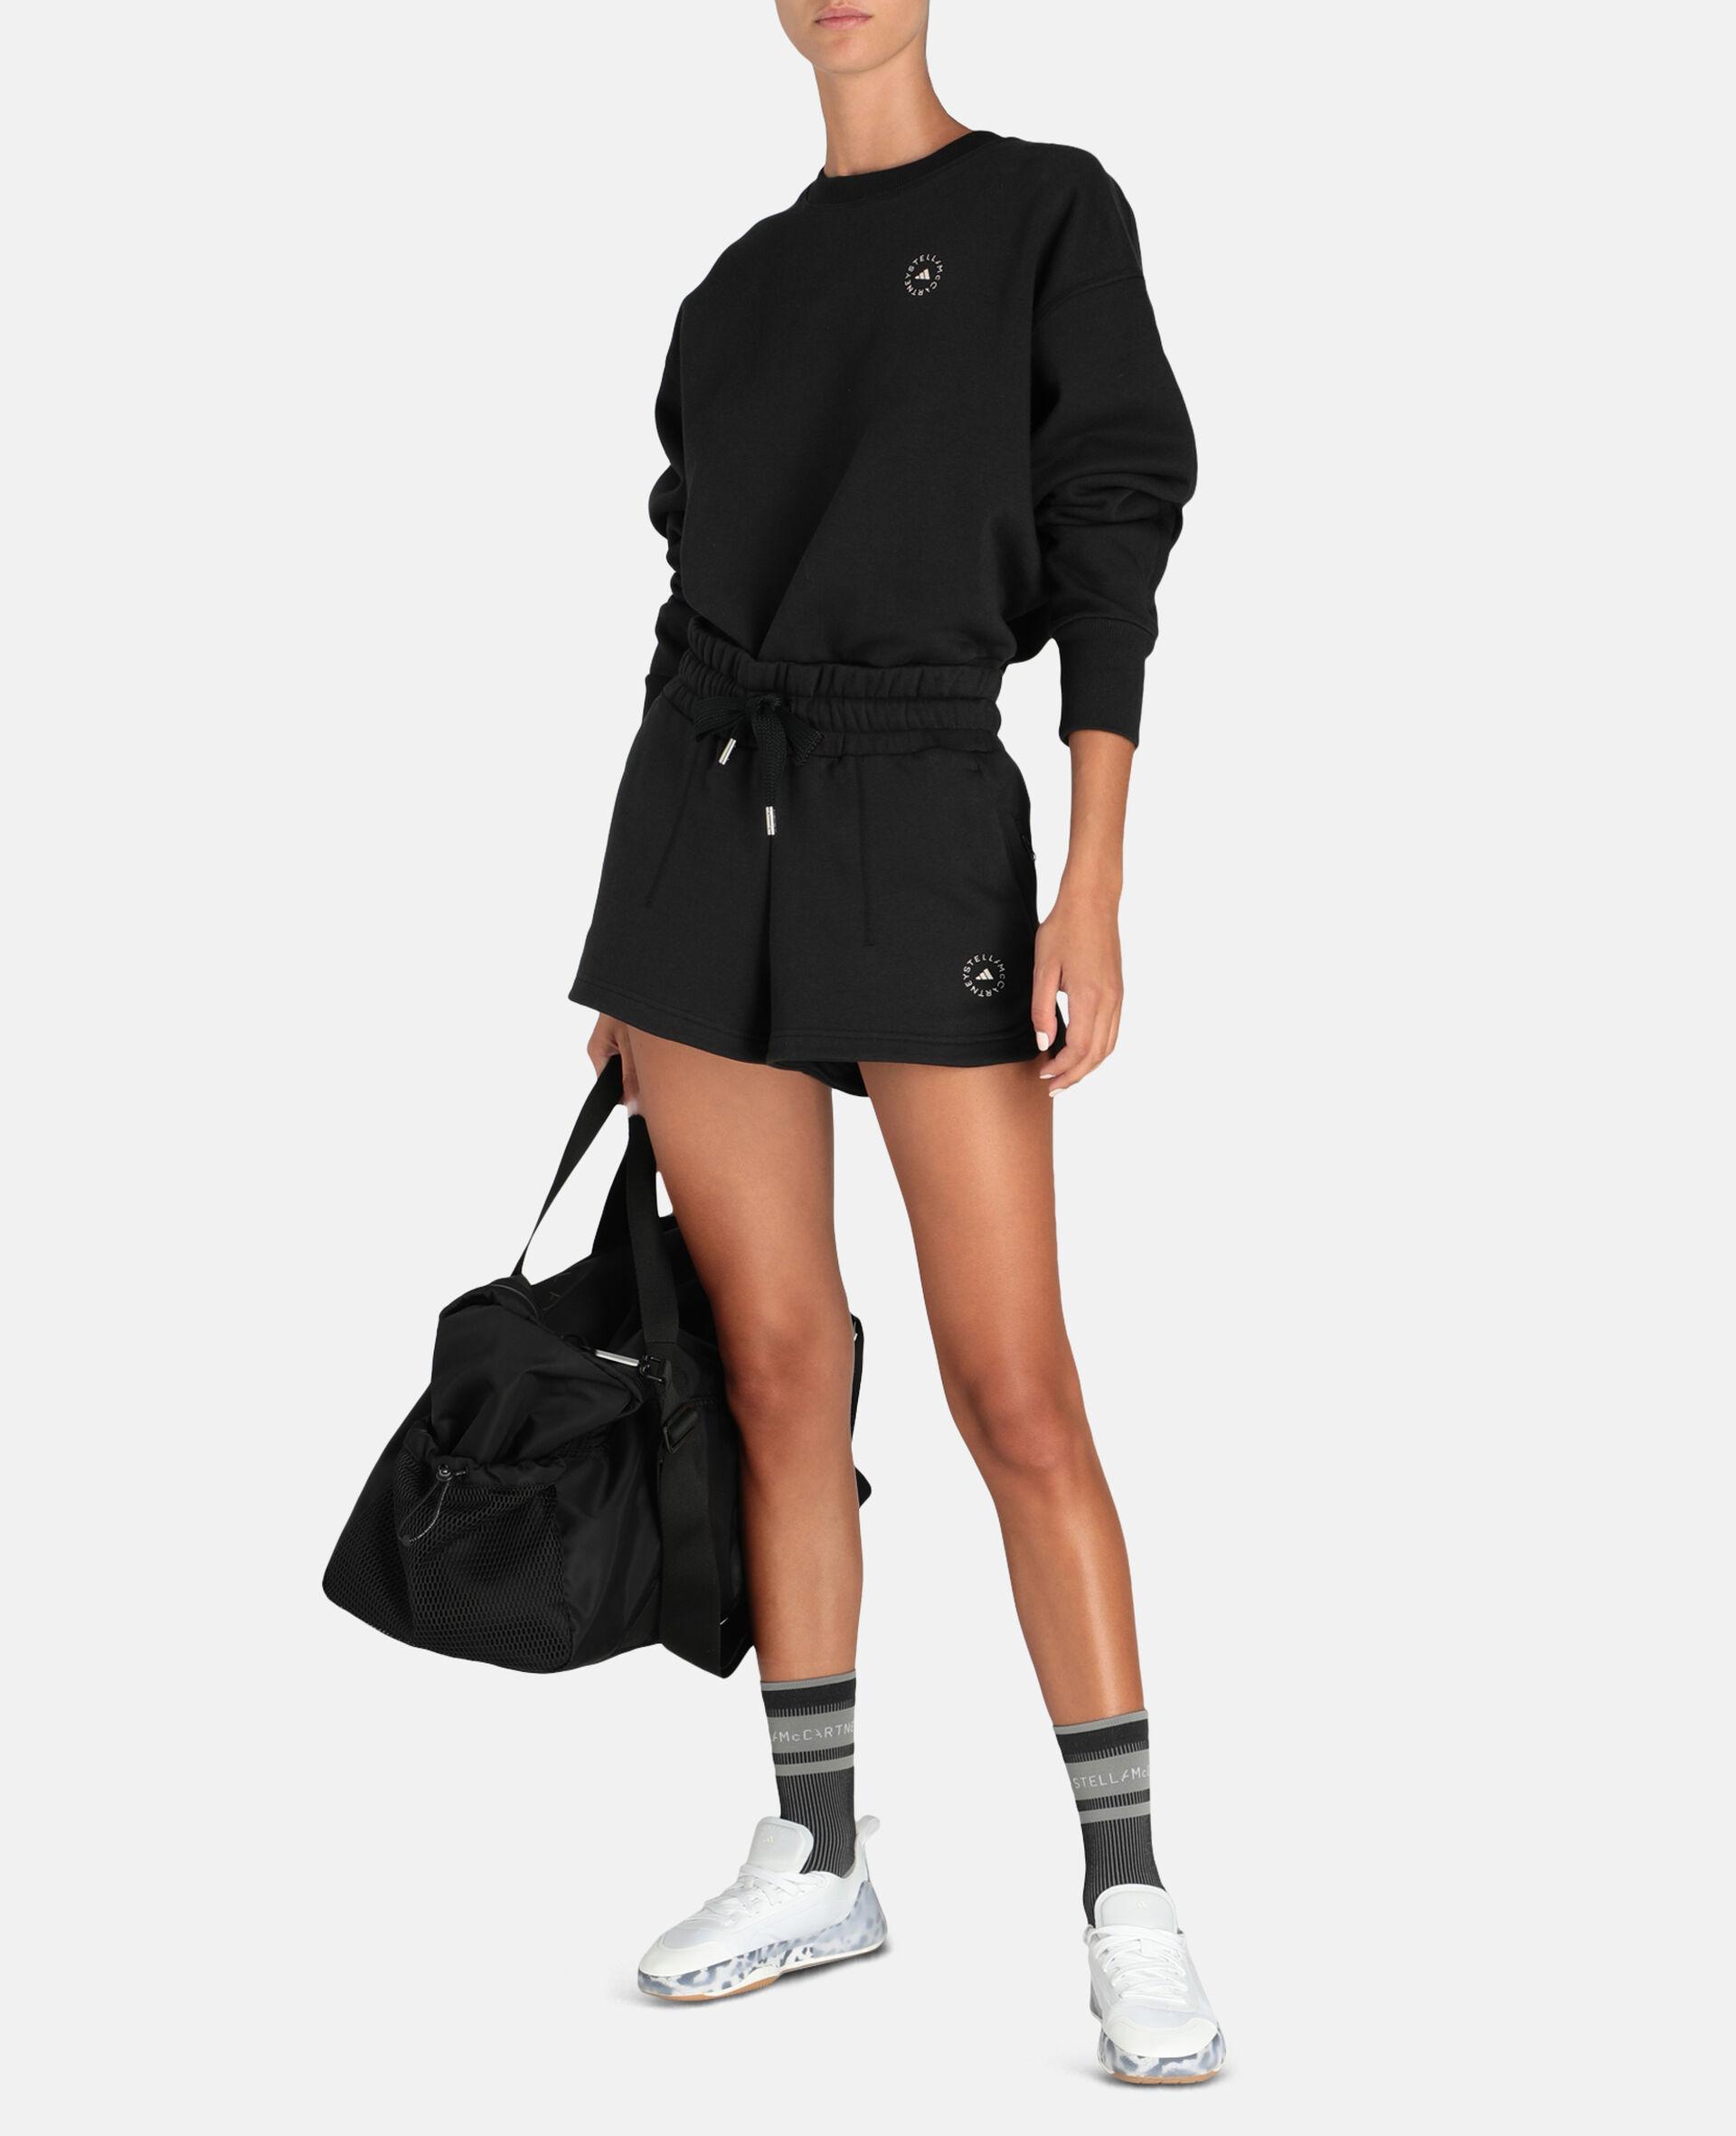 Black Sweat Fleece Short-Black-large image number 1